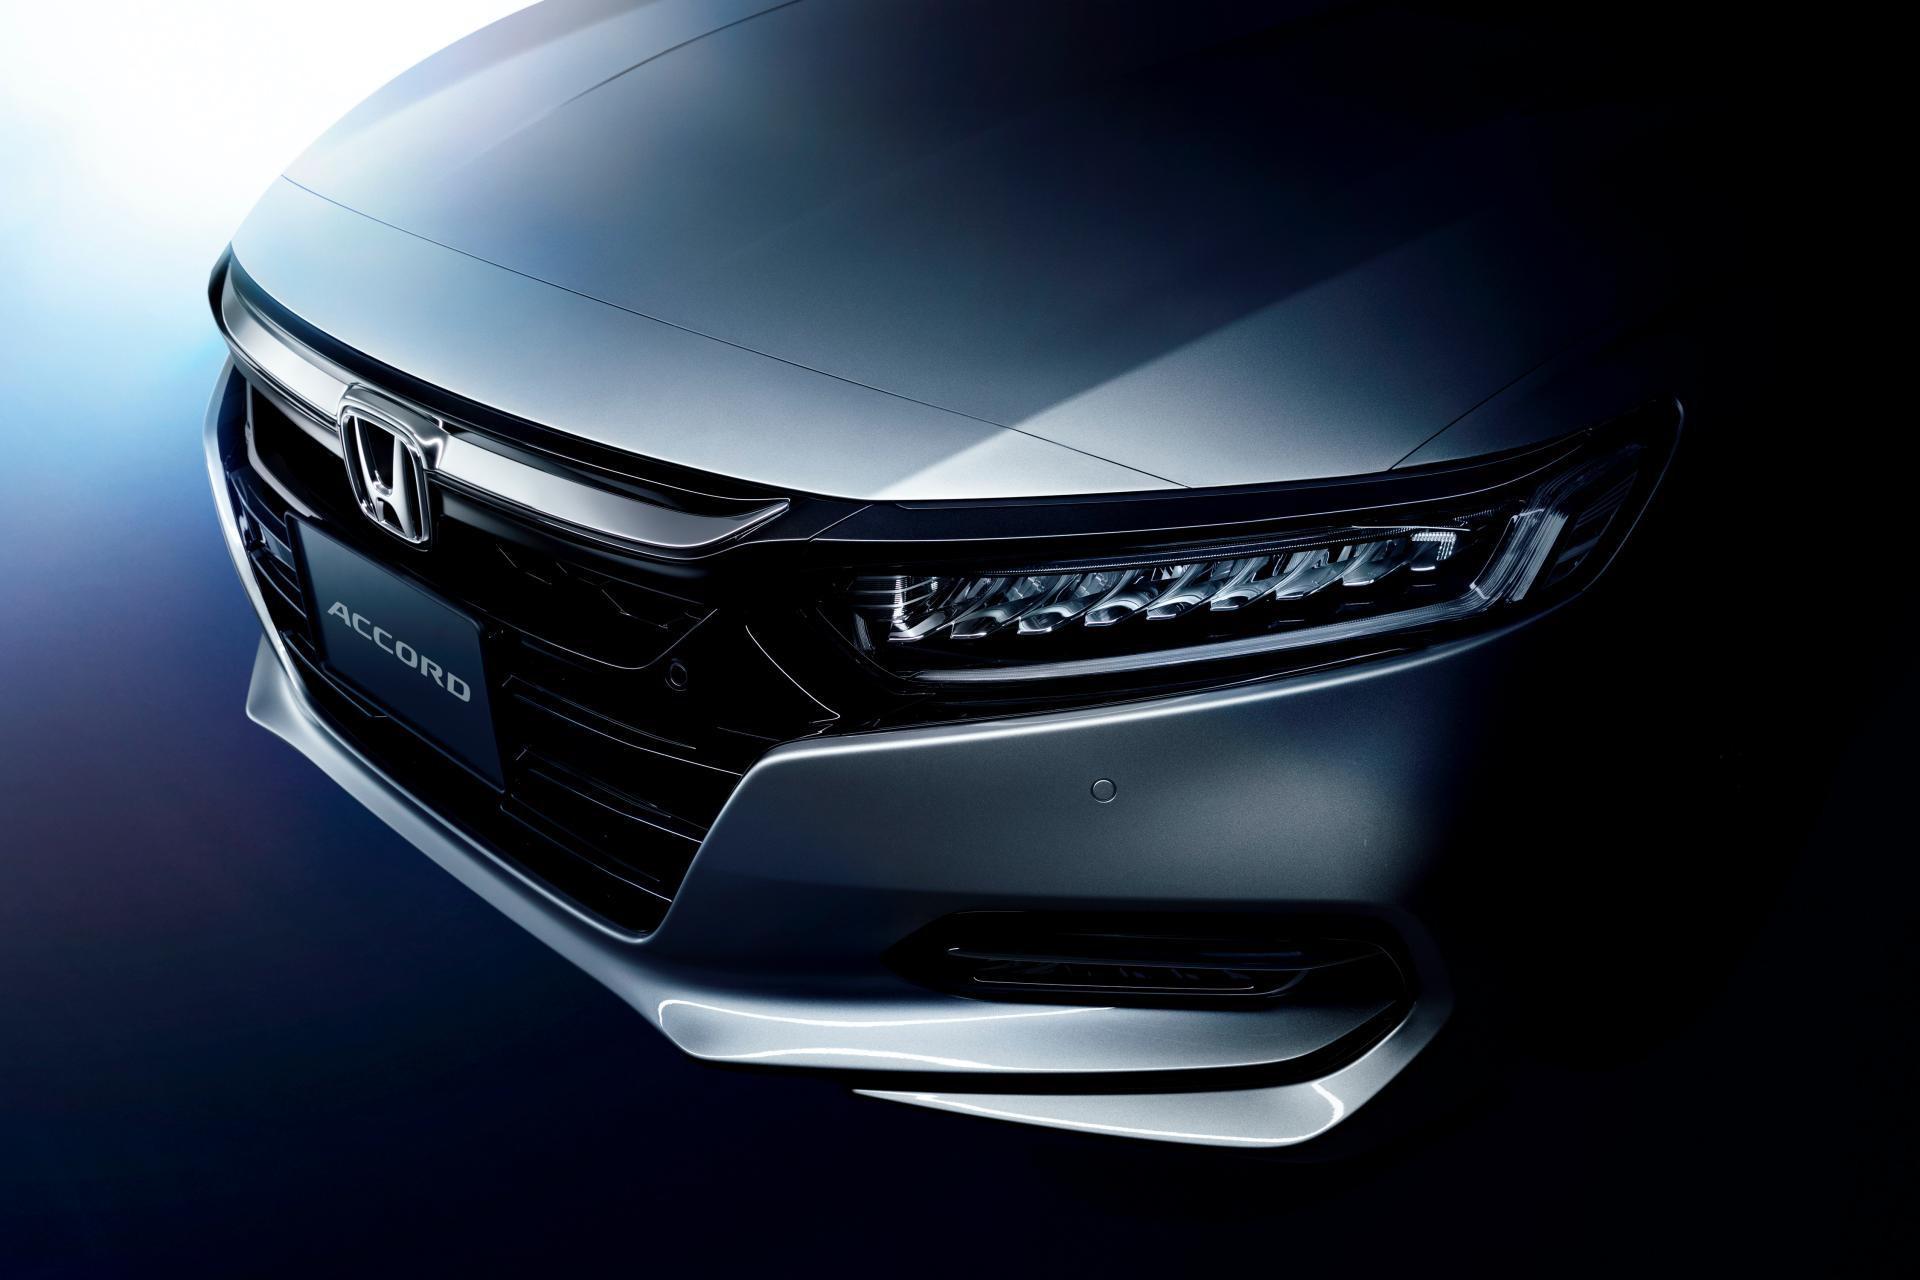 2020_Honda_Accord_eHEV_JPD_0034